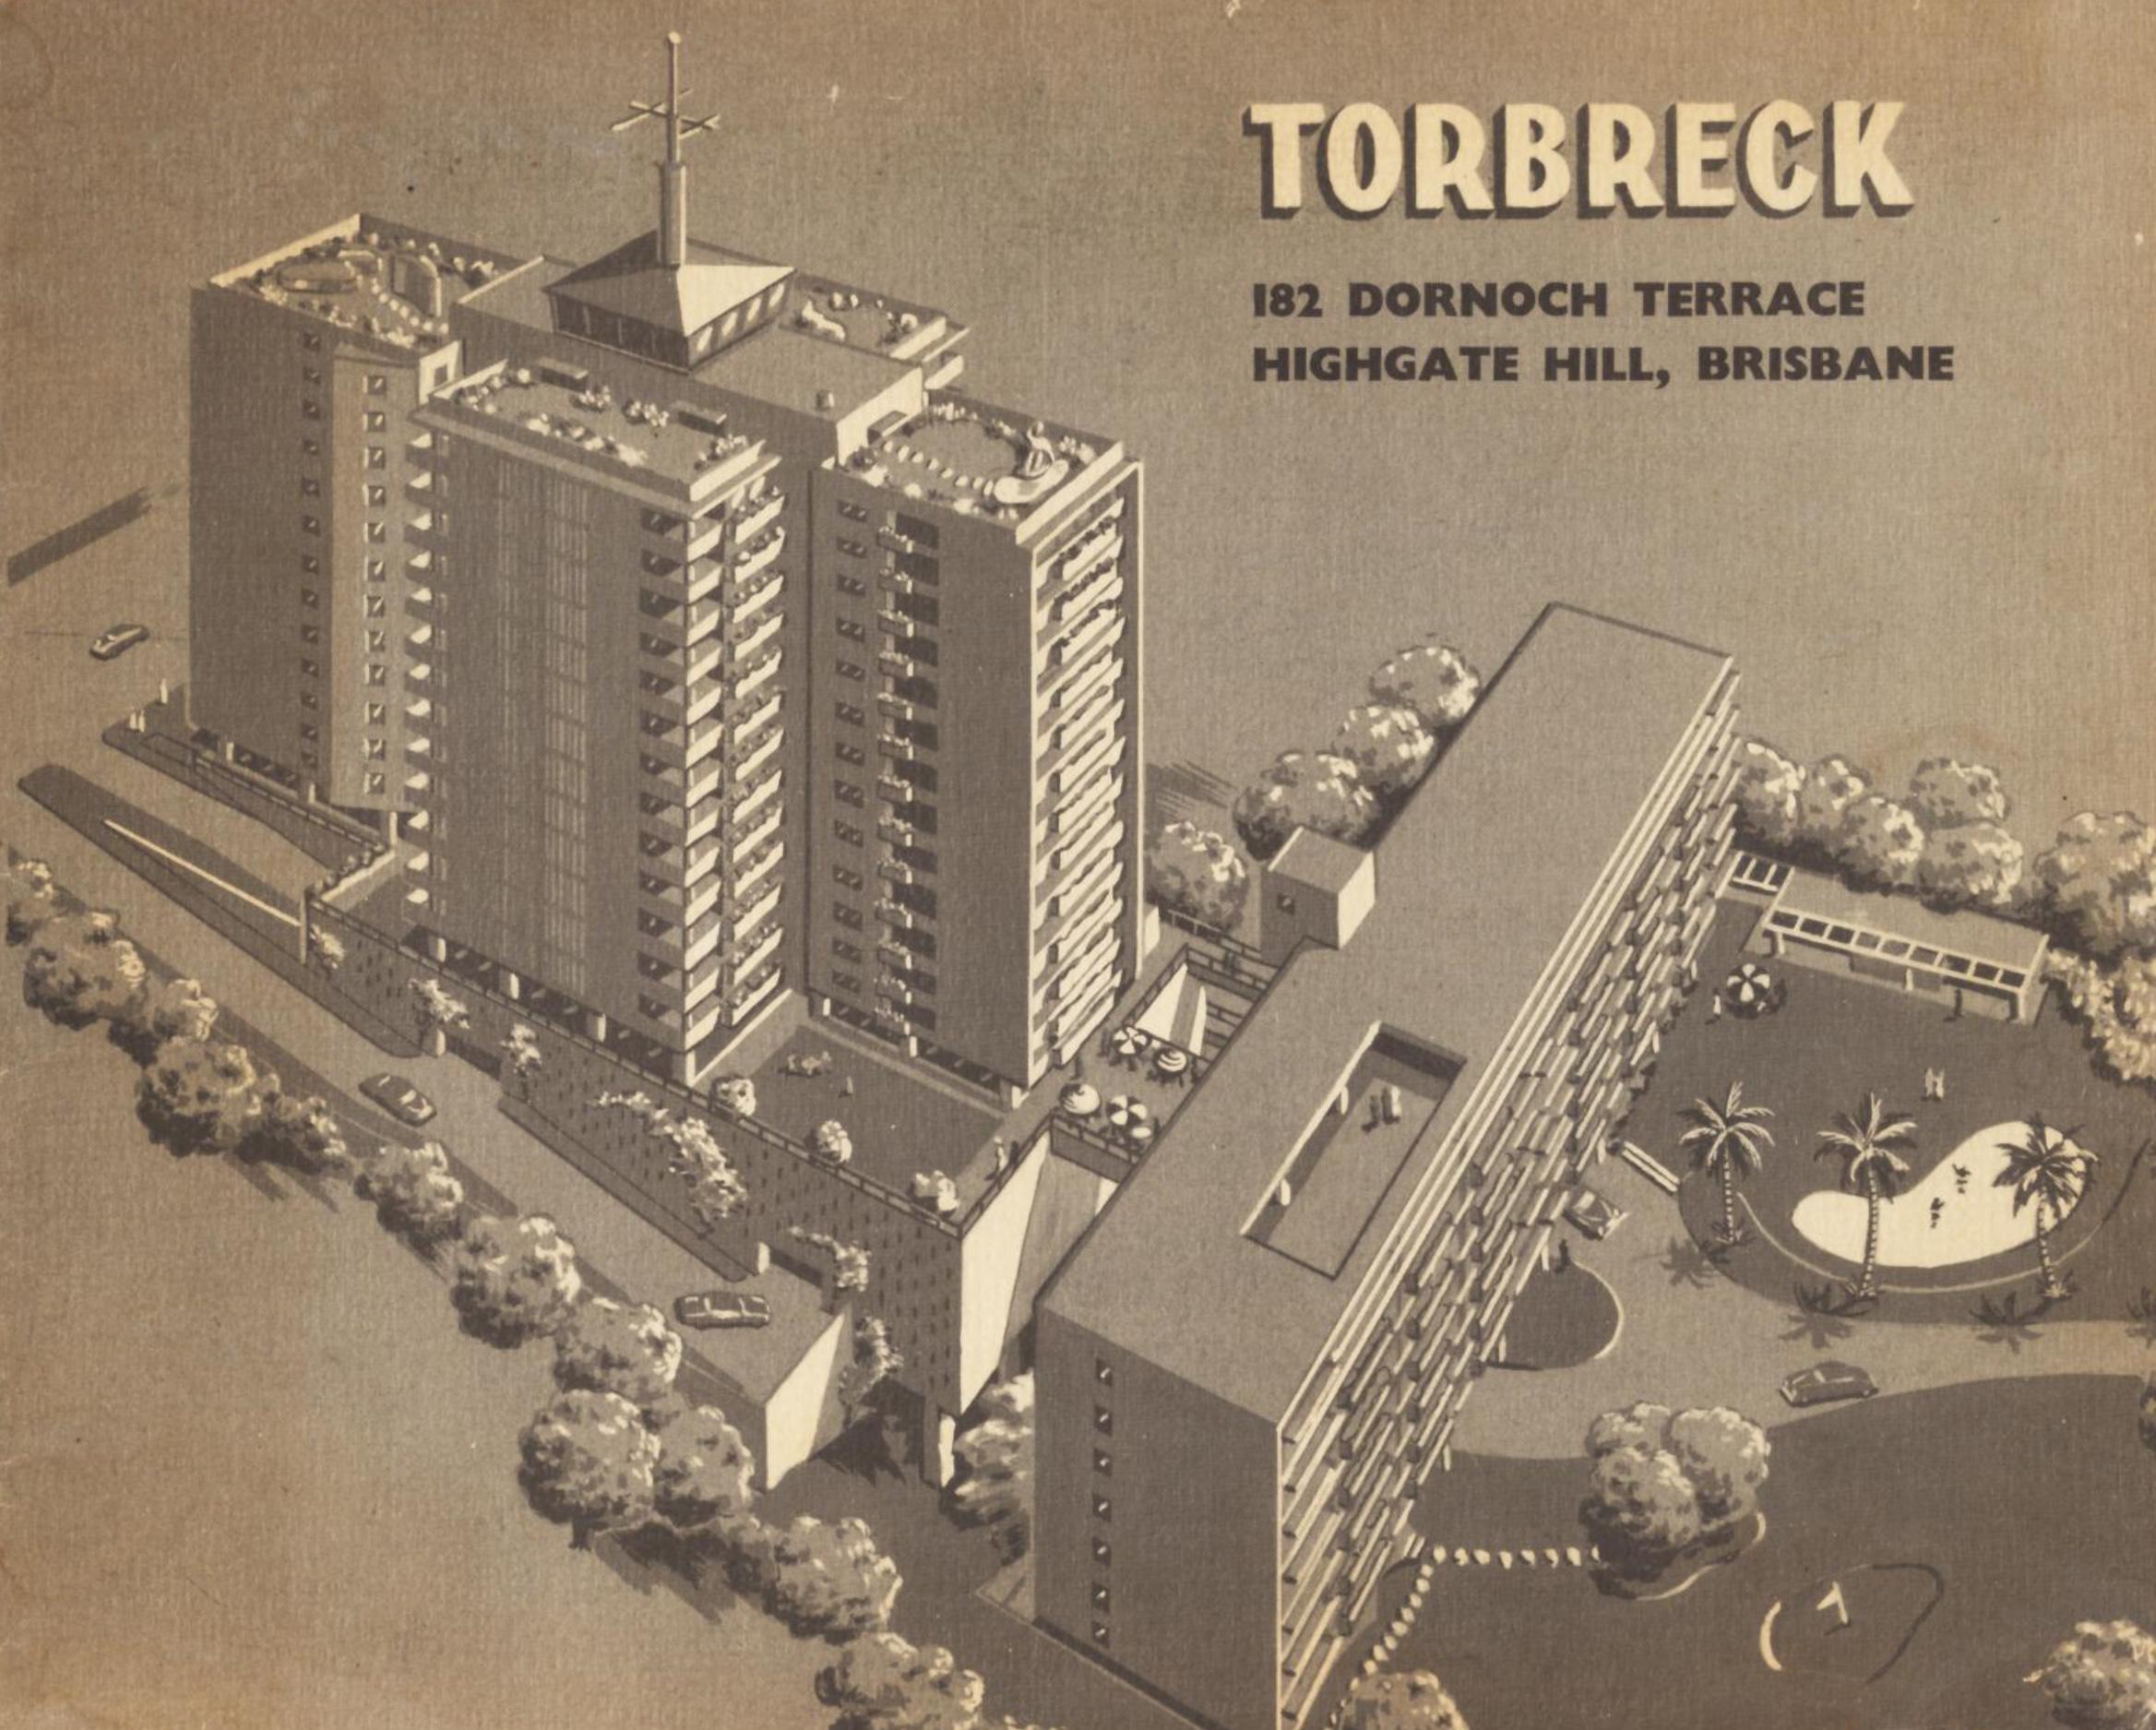 Torbreck-Brochure_Fryer-Library_UQFL426_Torbreck-Collection-2